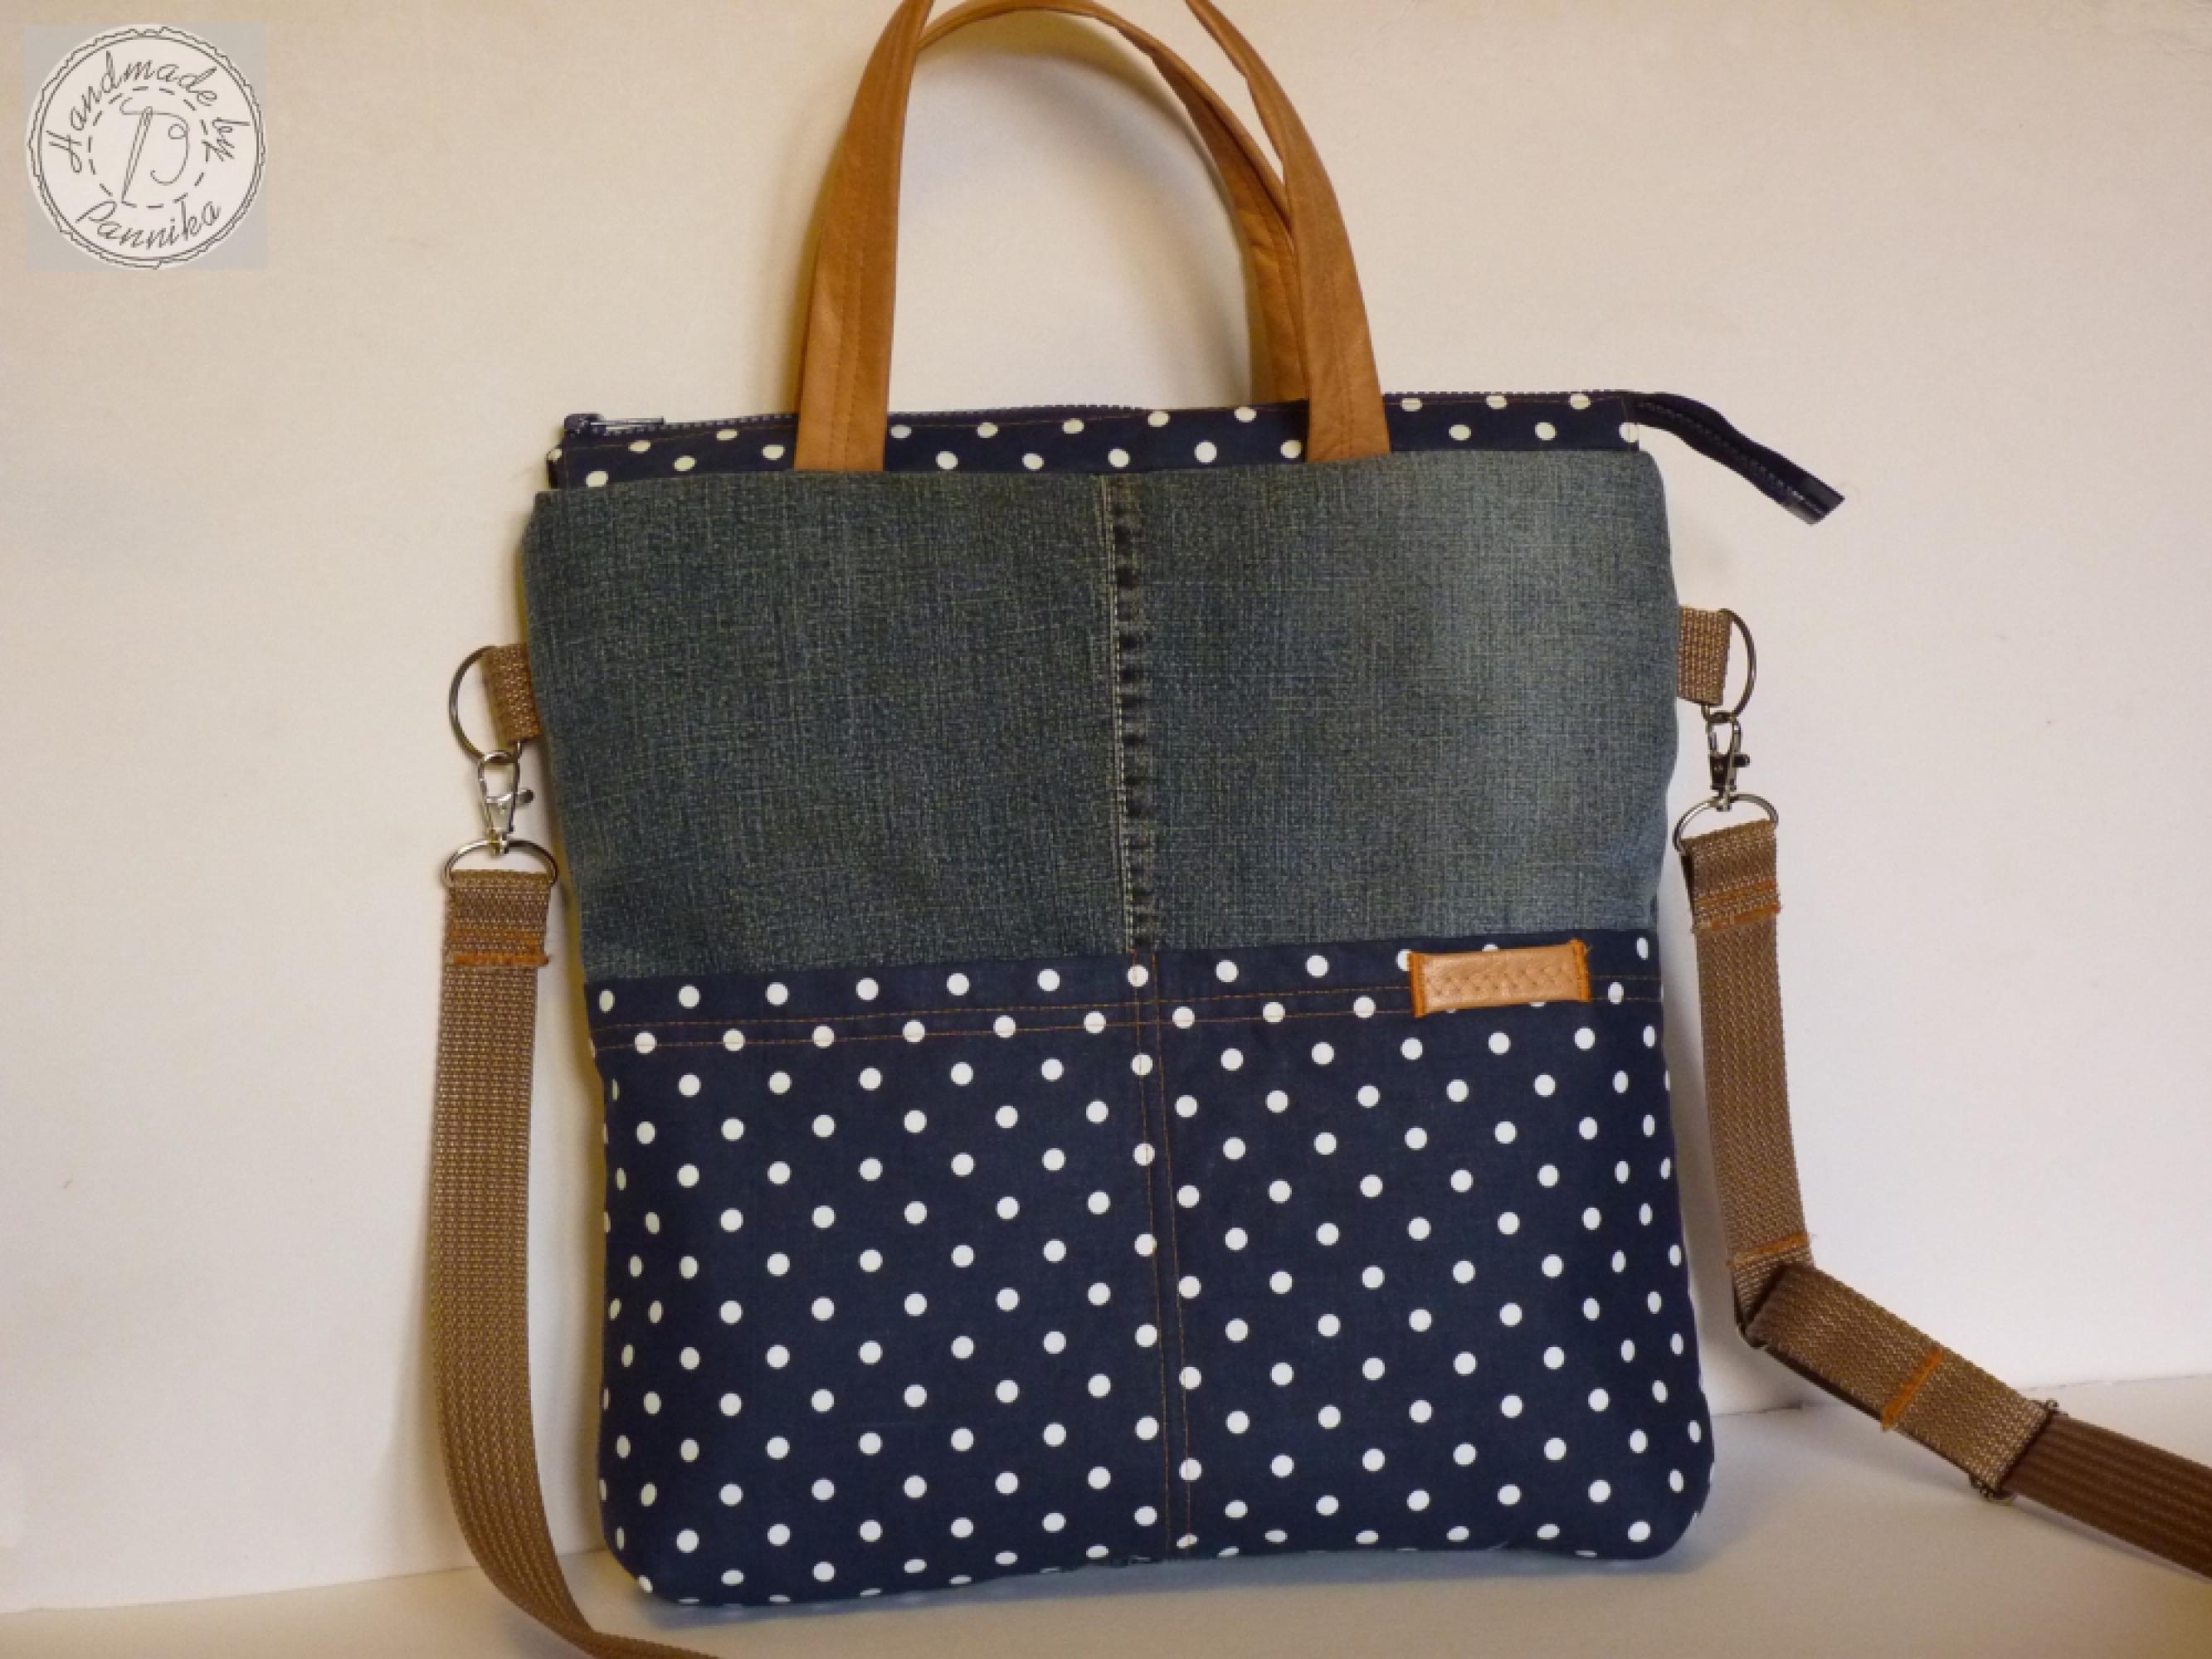 103f4bce1969 XXL Farmer táska, nagy pöttyös zsebekkel - 7 950 Ft *** Egyedi ...